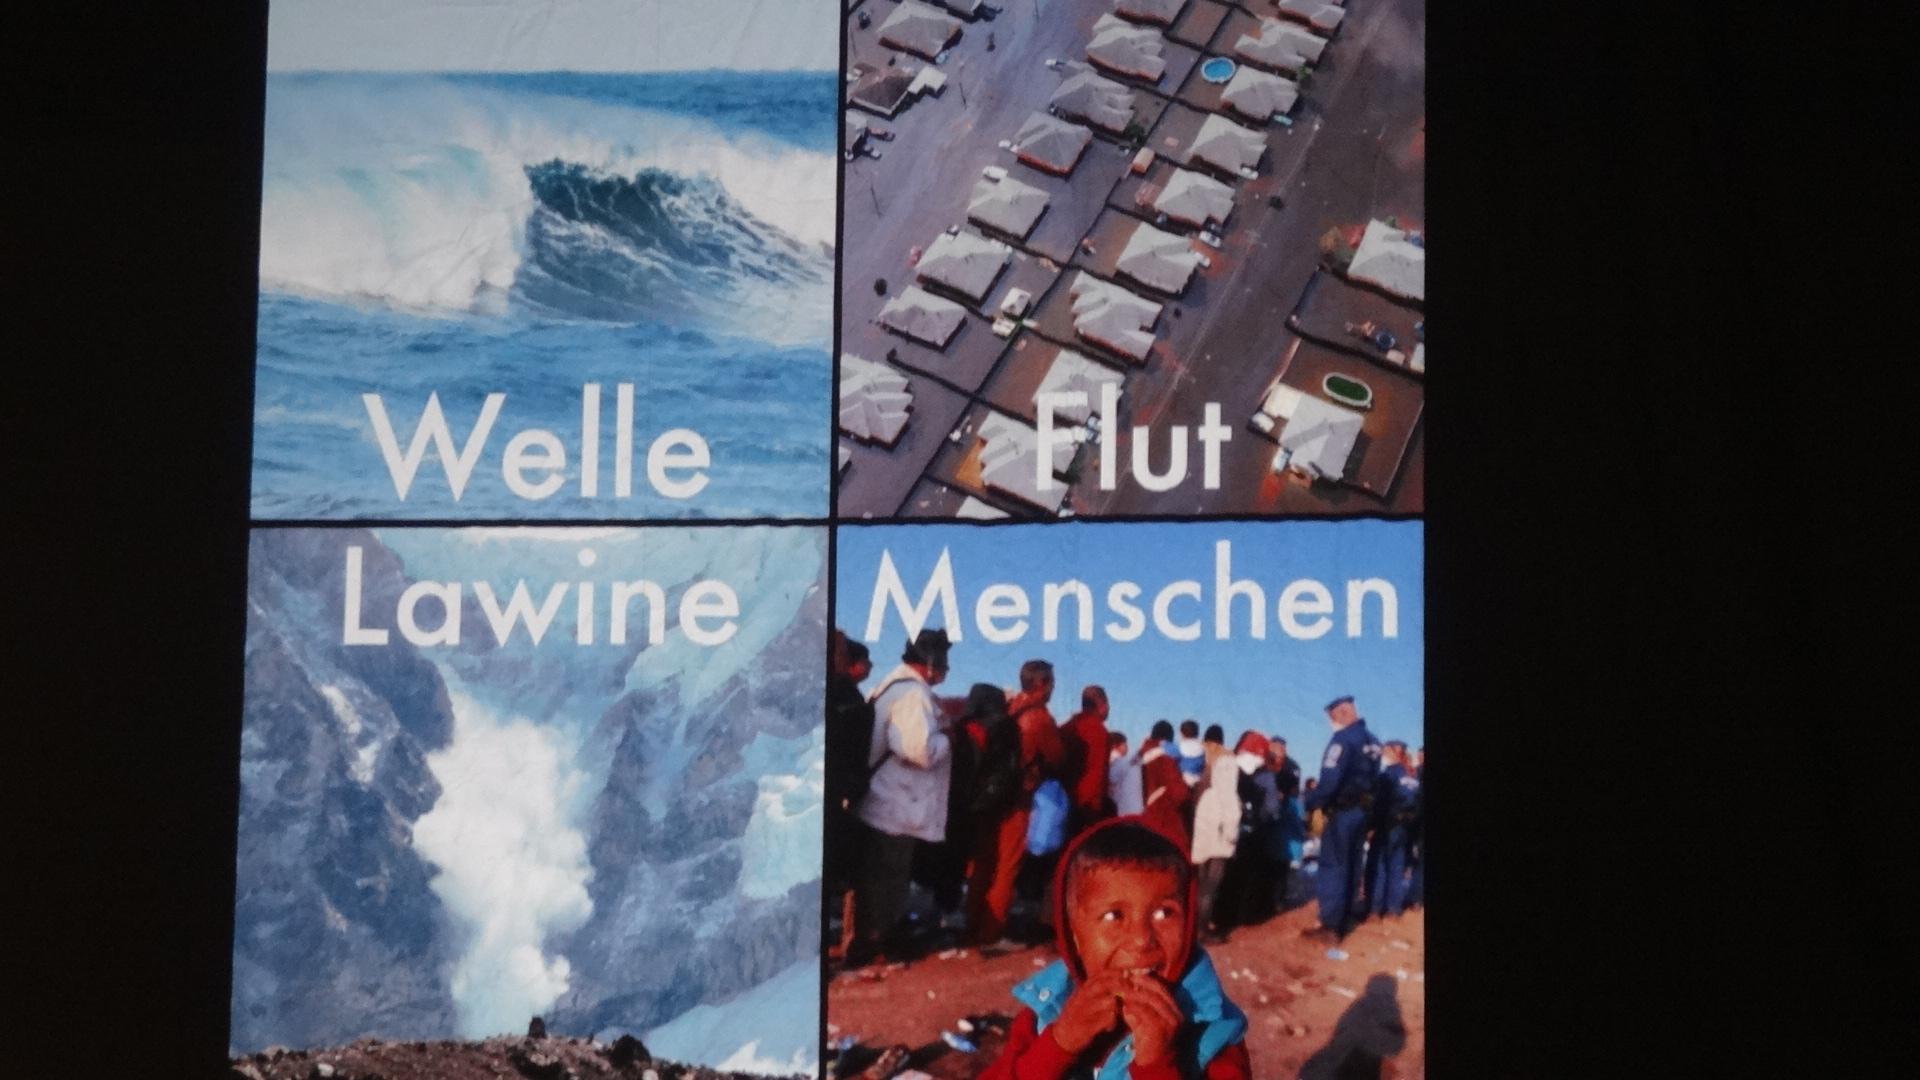 Menschen sind keine Welle, Lawine oder Flut